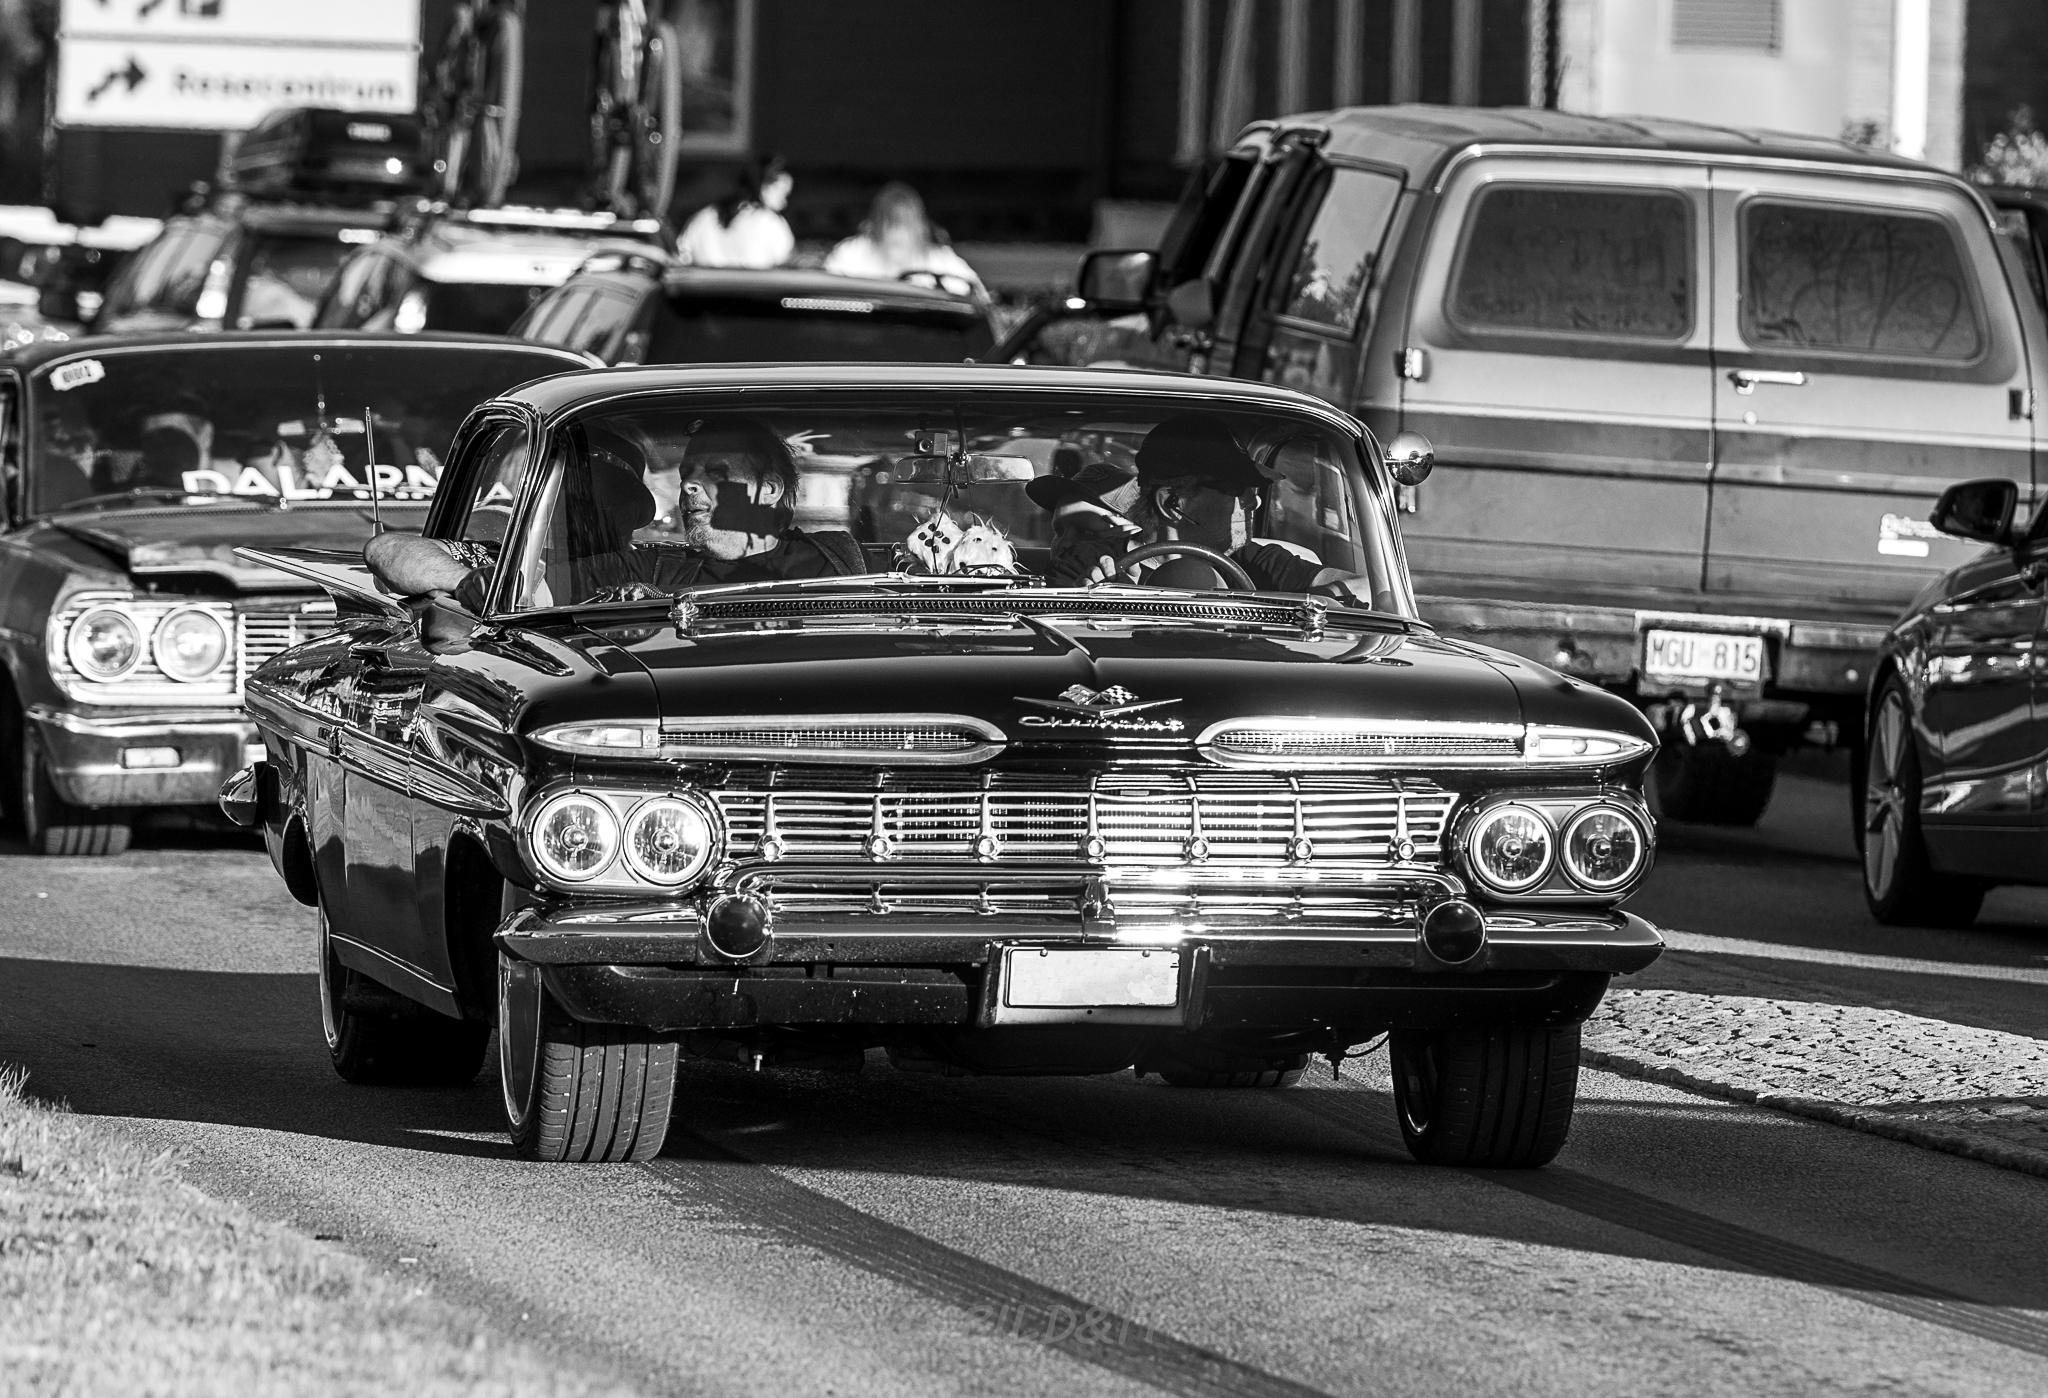 5000803-Redigera-210703-1959-CHEVROLET-Impala